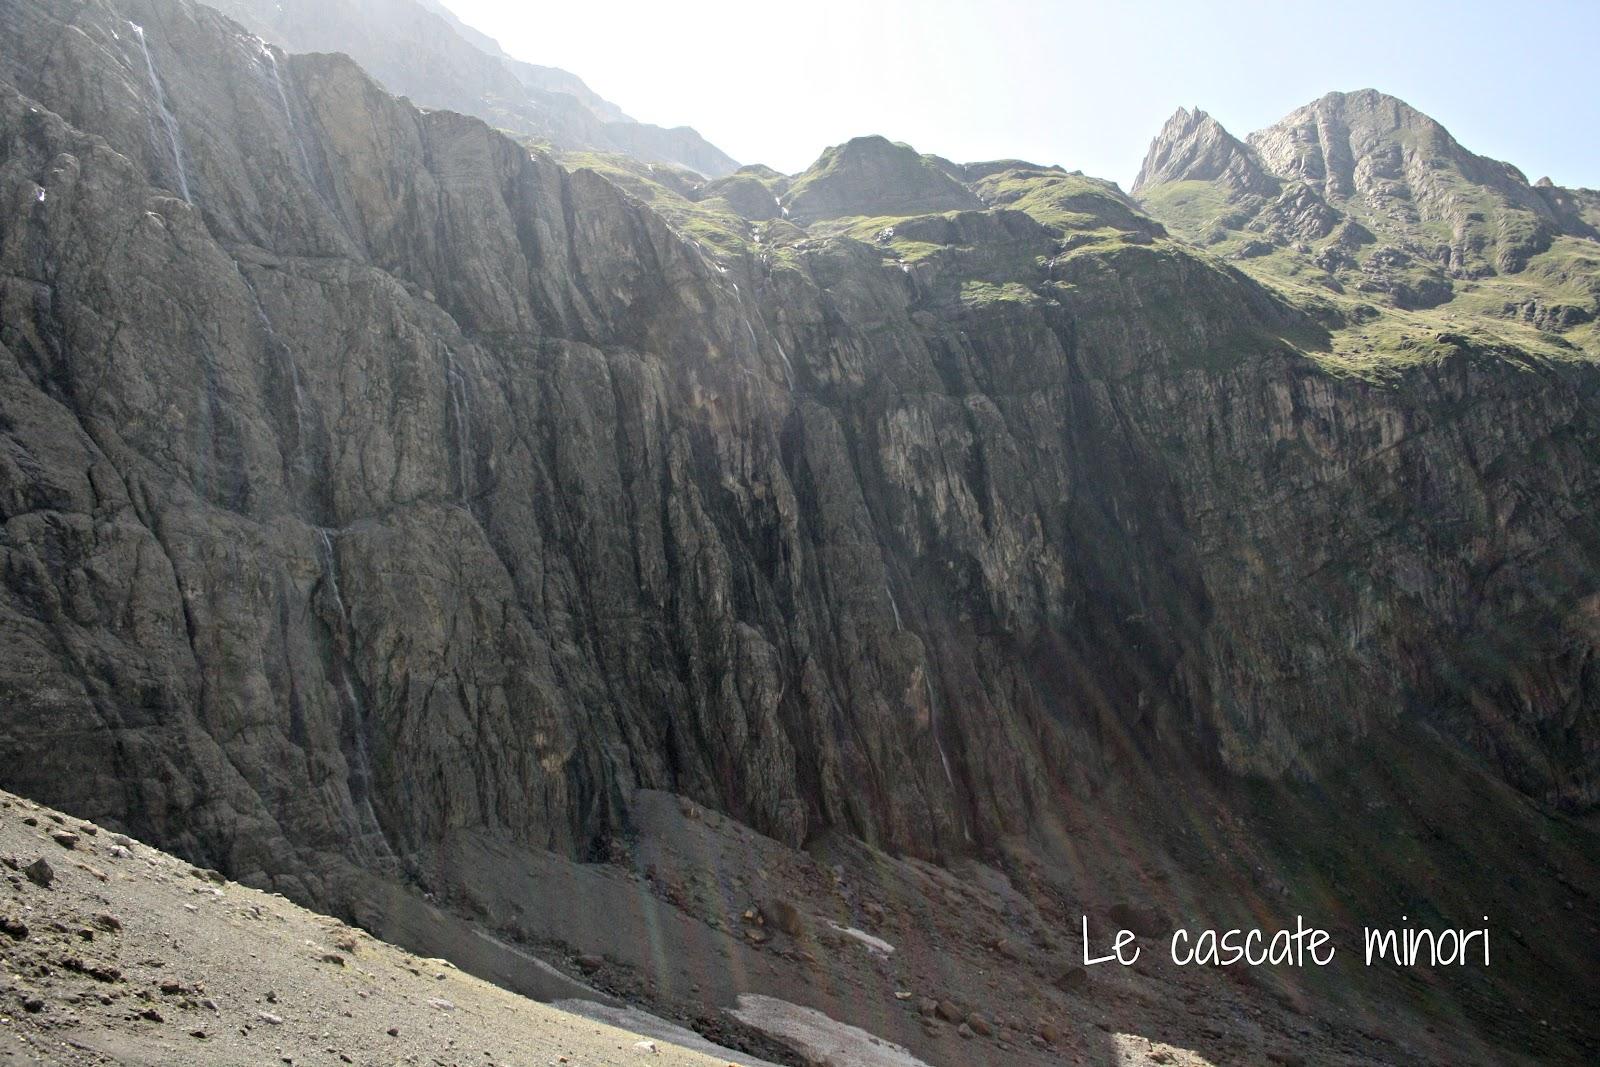 Di roccia sono cascate poco visibili perchè la portata d acqua d